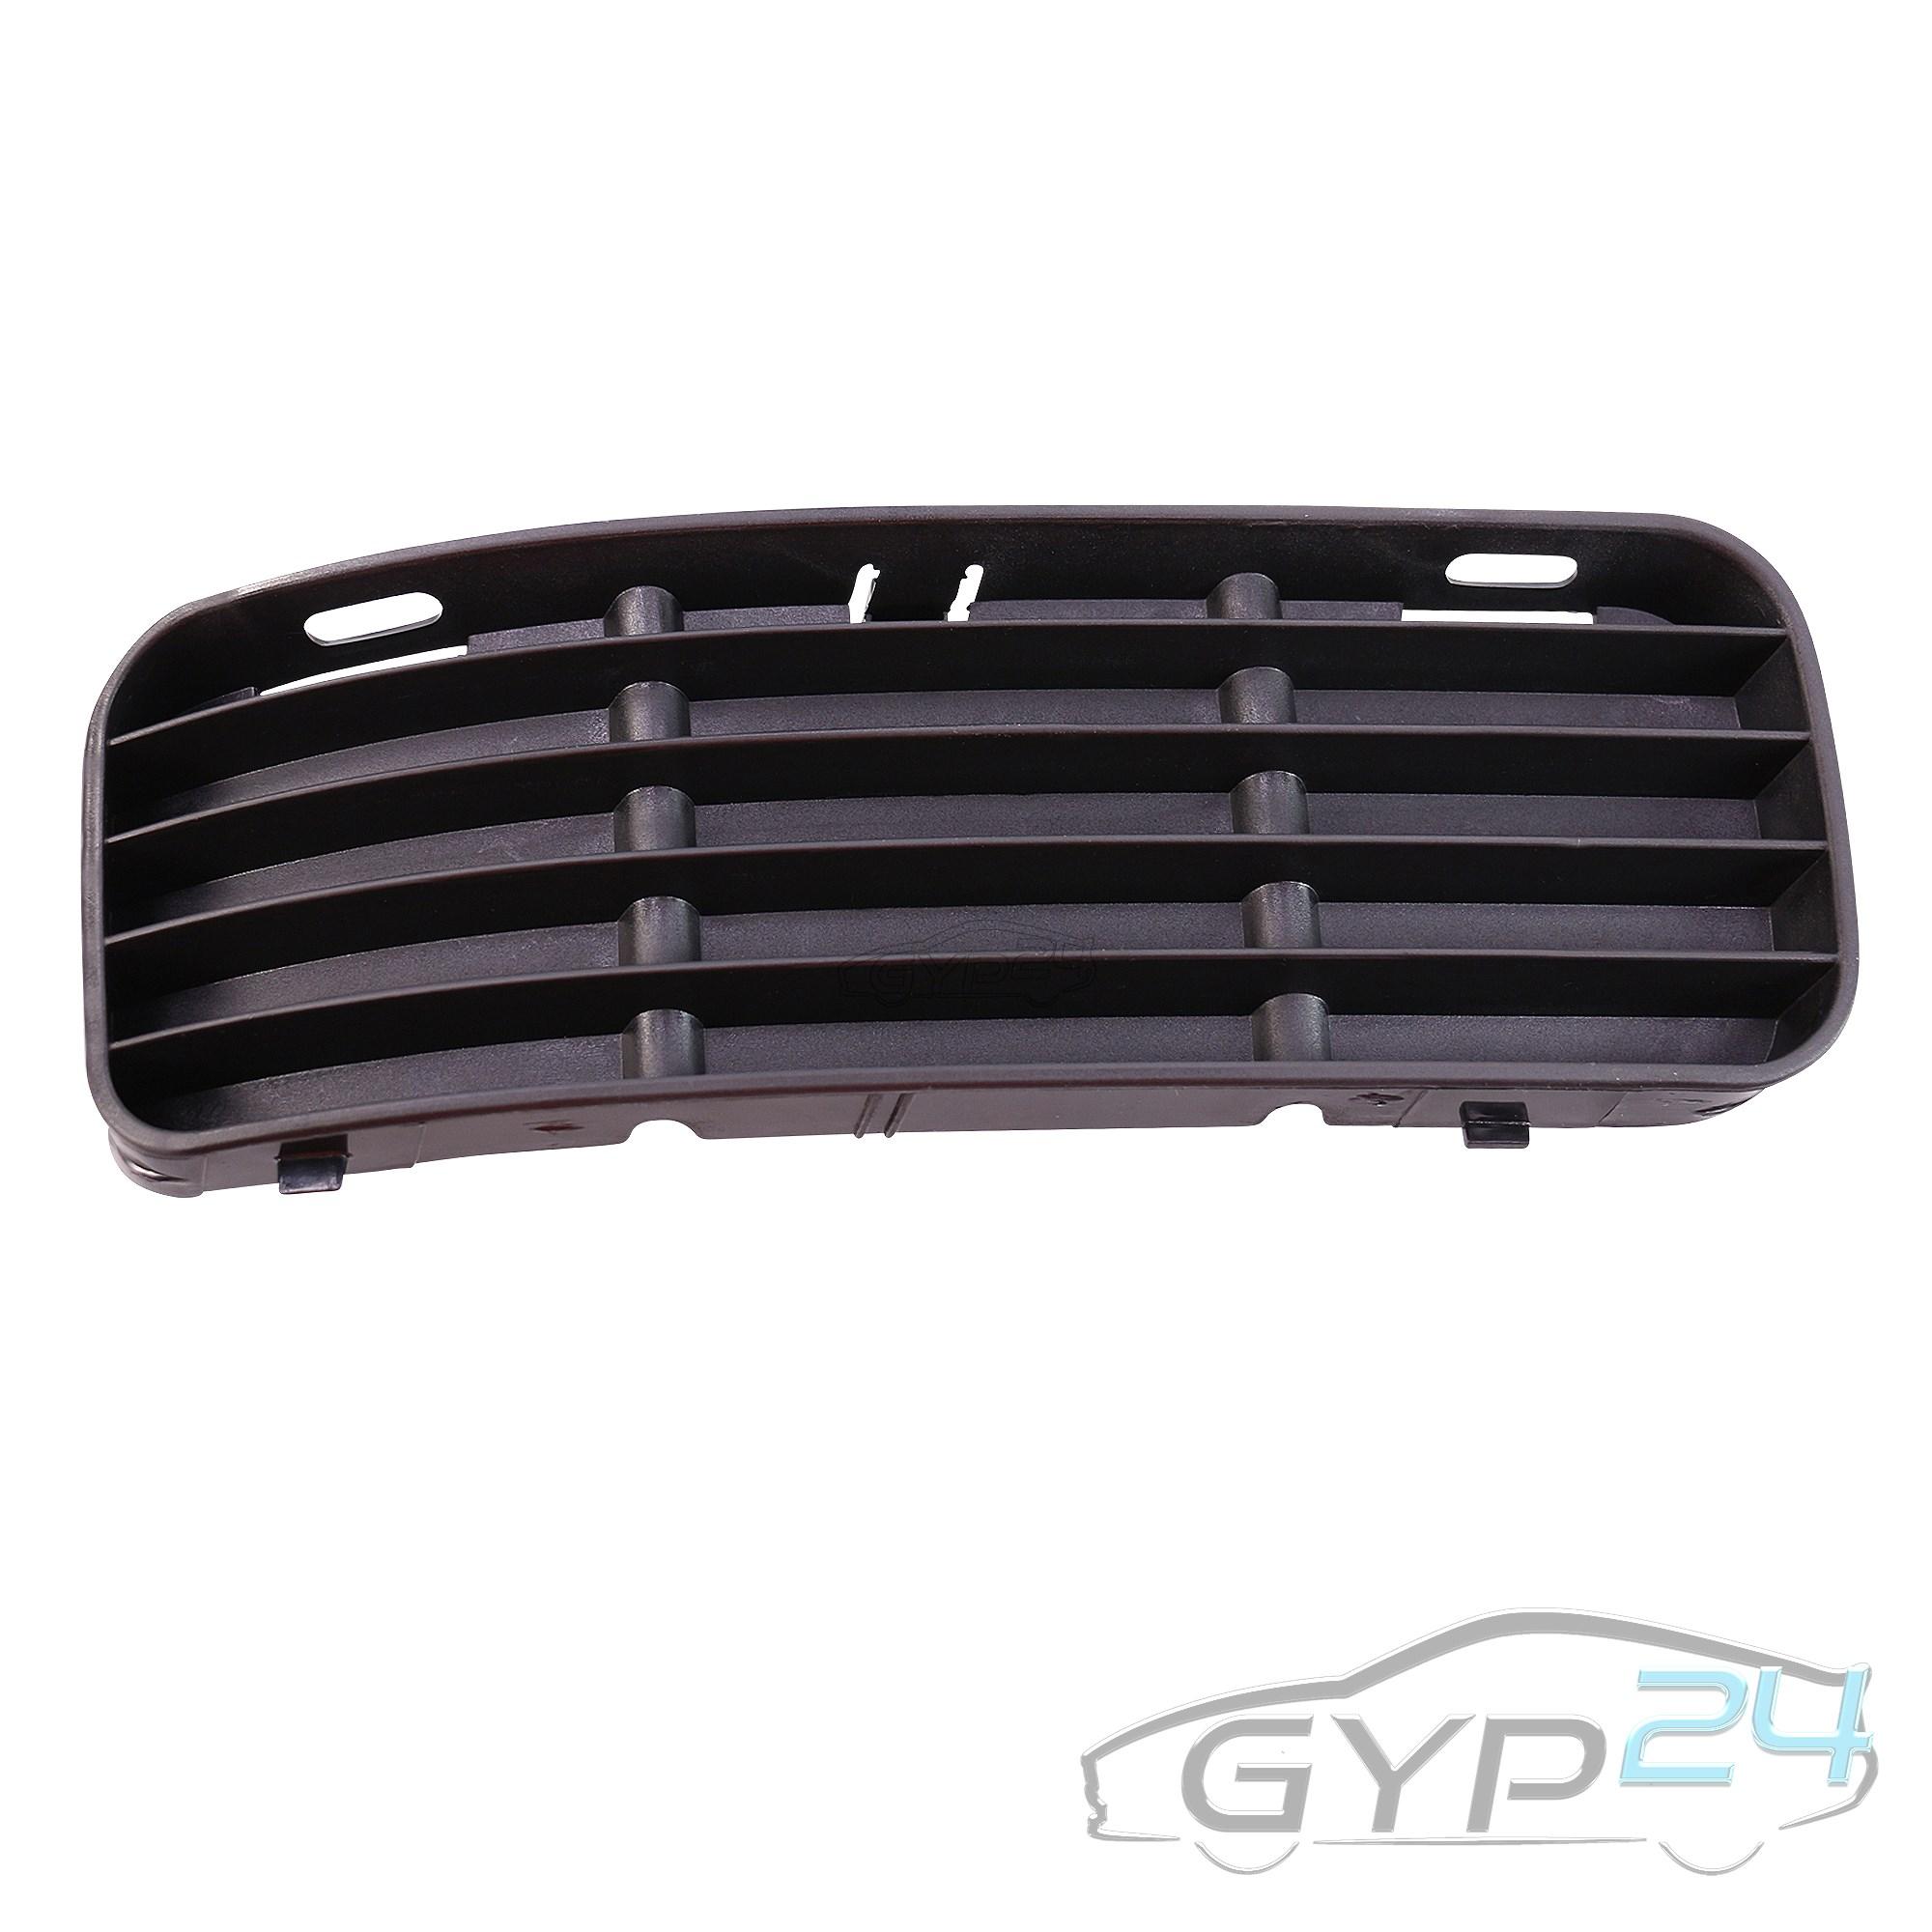 Gitter Blende Lüftungsgitter Stossstange mit Nebel rechts paßt für VW Passat 3C